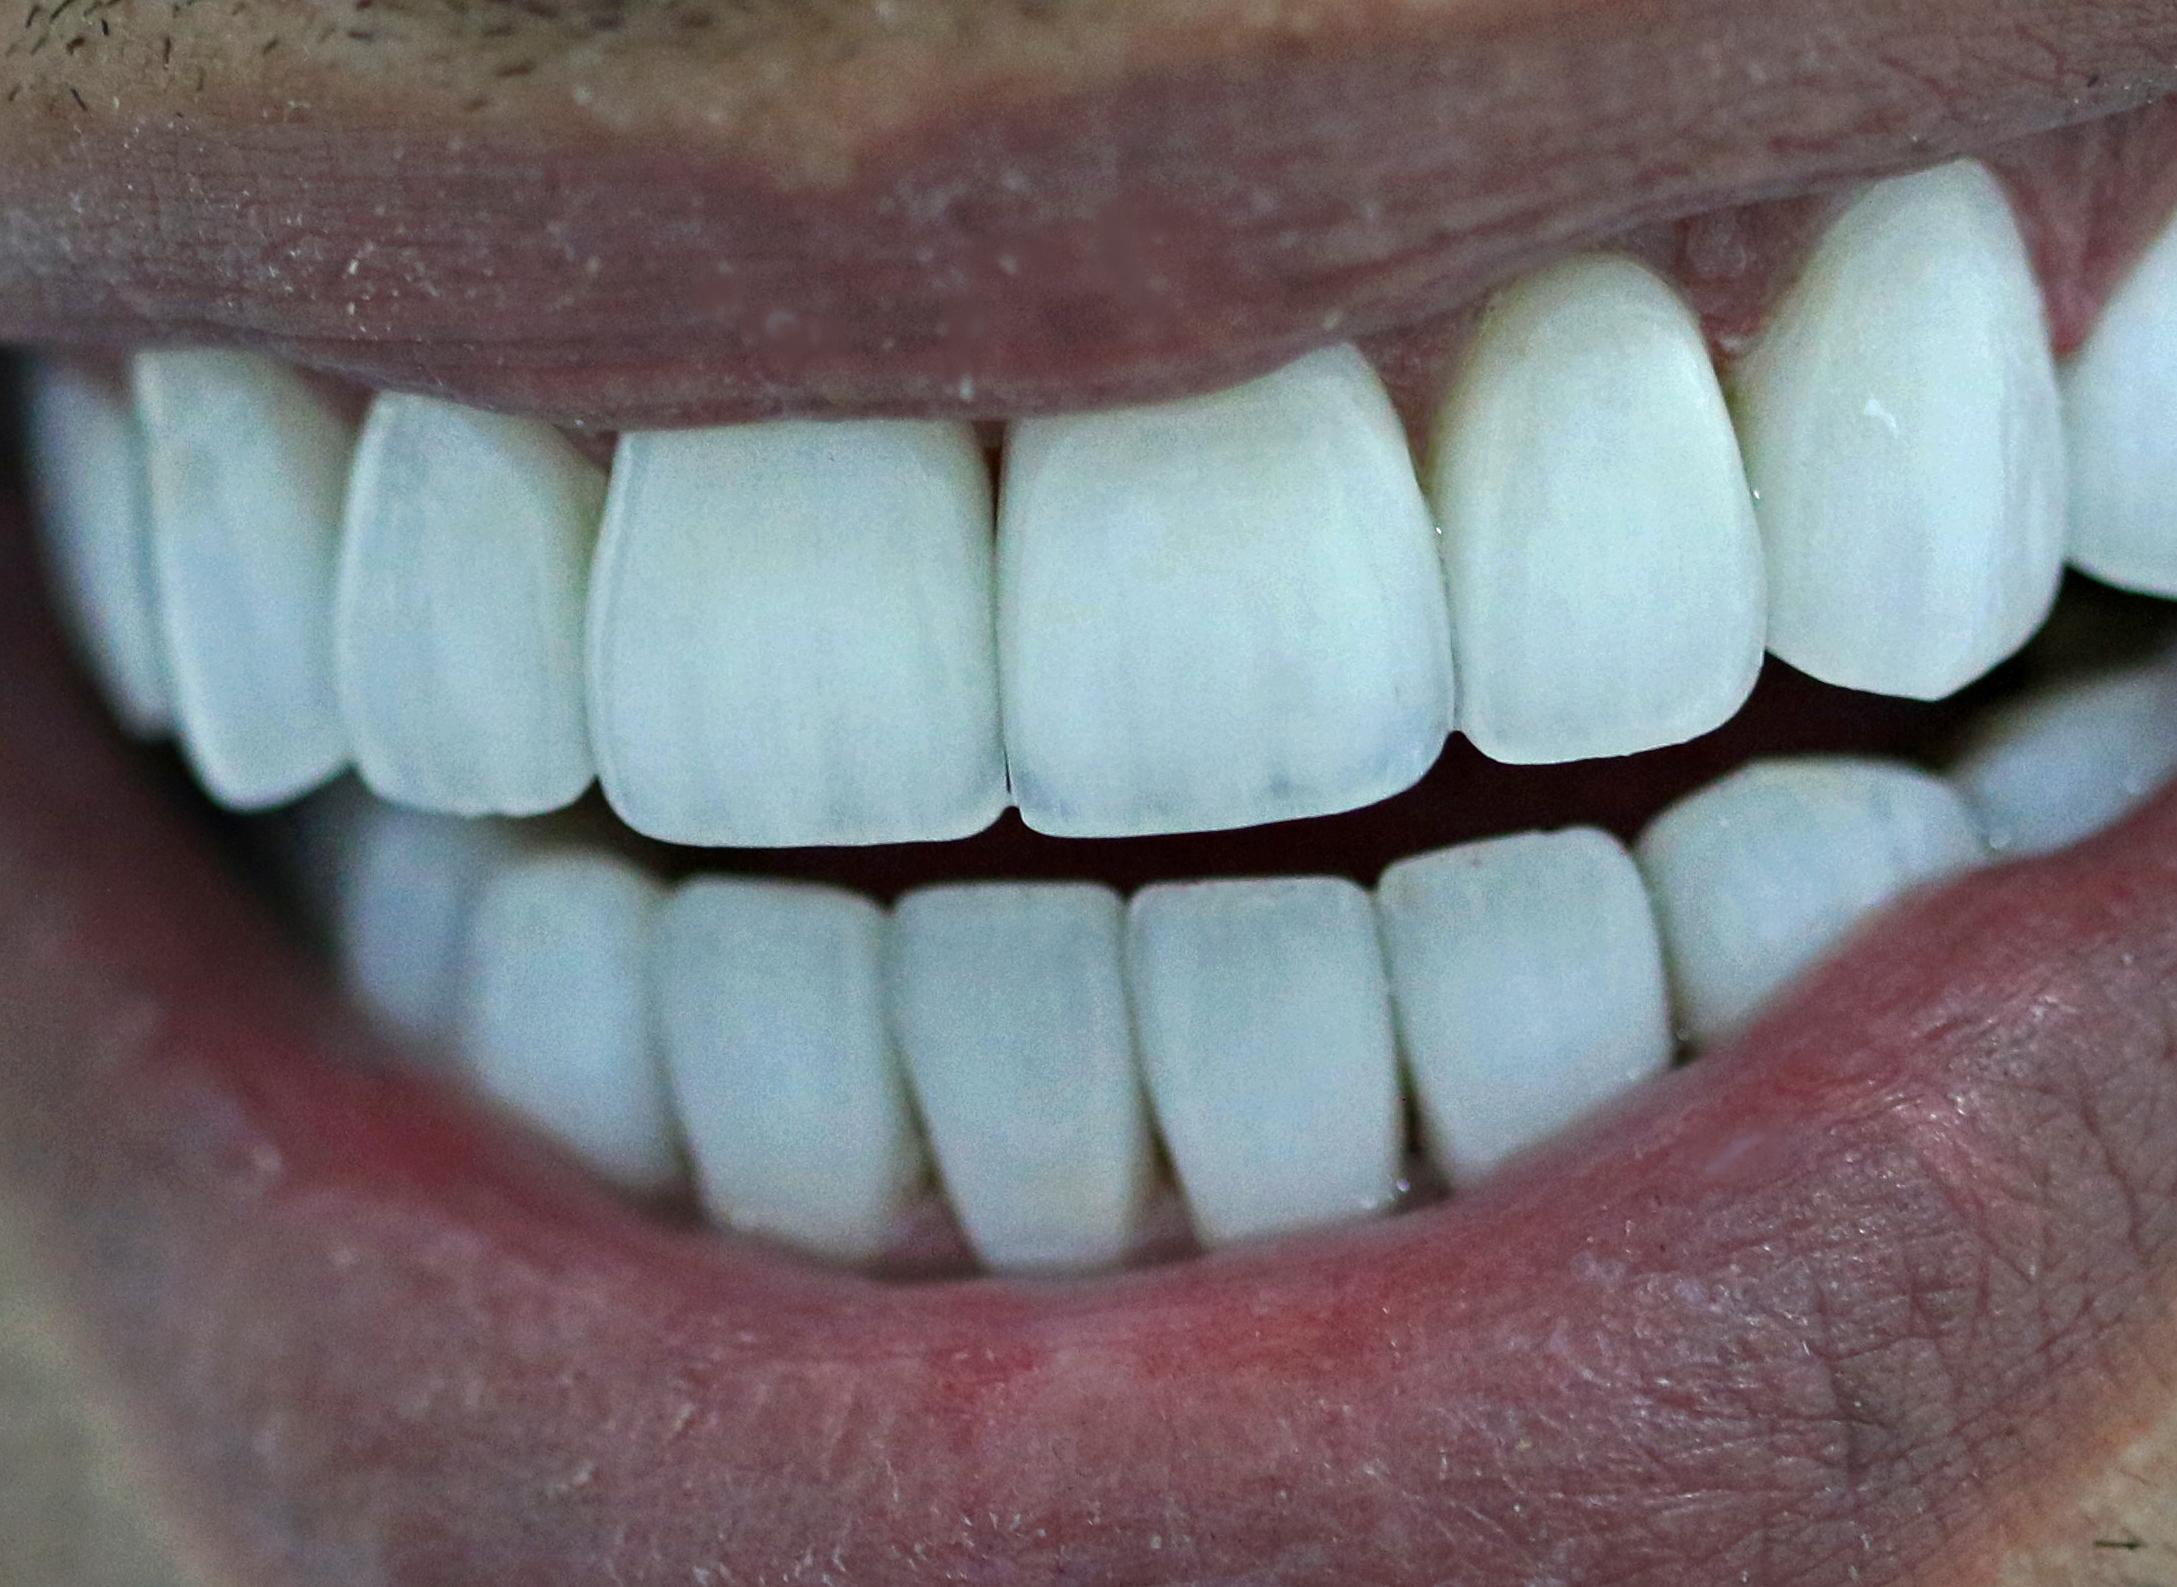 IMG_5960-Teeth-Edited.jpg